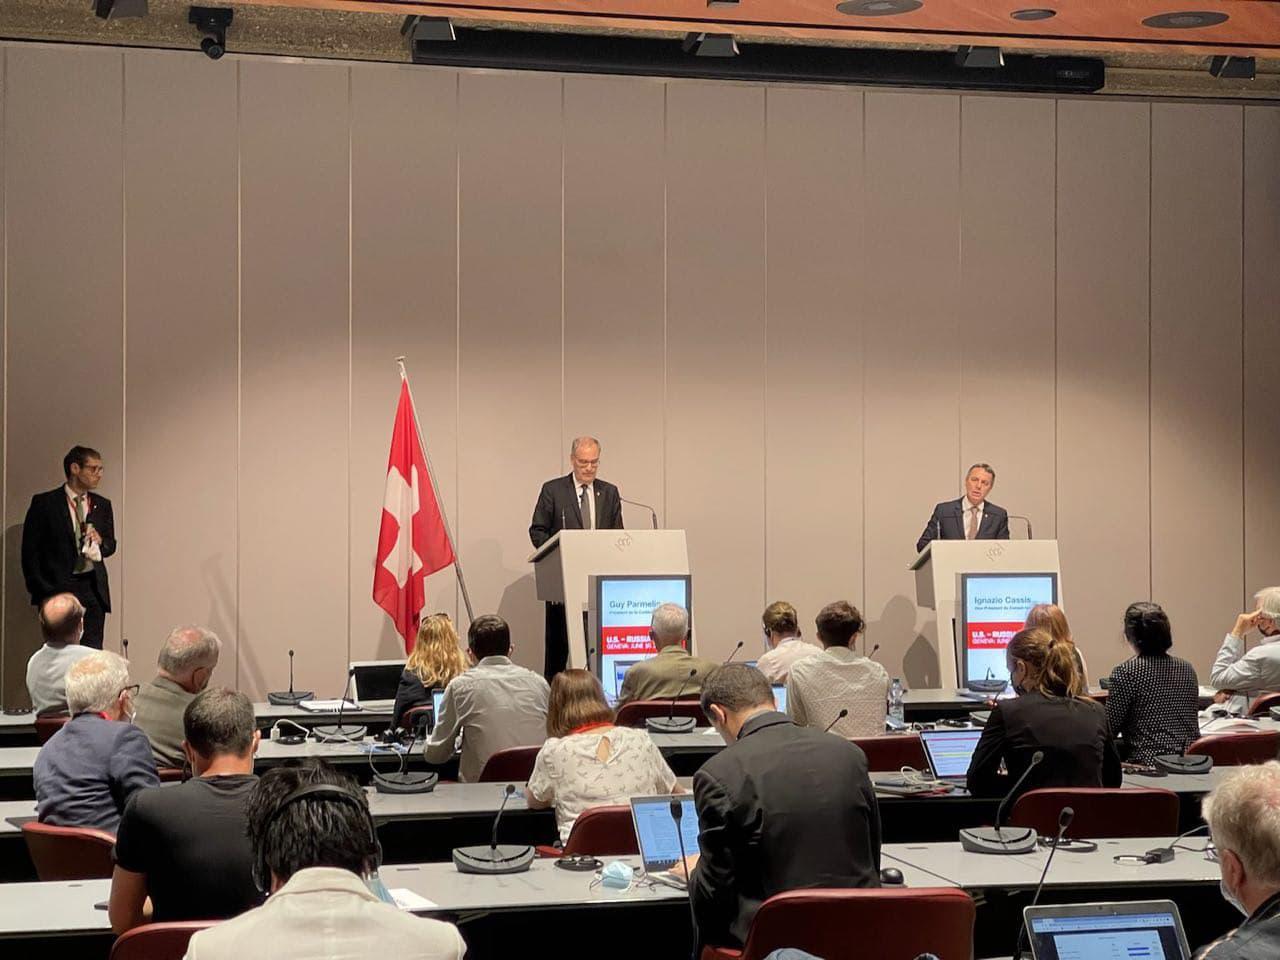 Саміт у Женеві: президент Швейцарії розповів про результати зустрічі з Байденом та згадав Україну